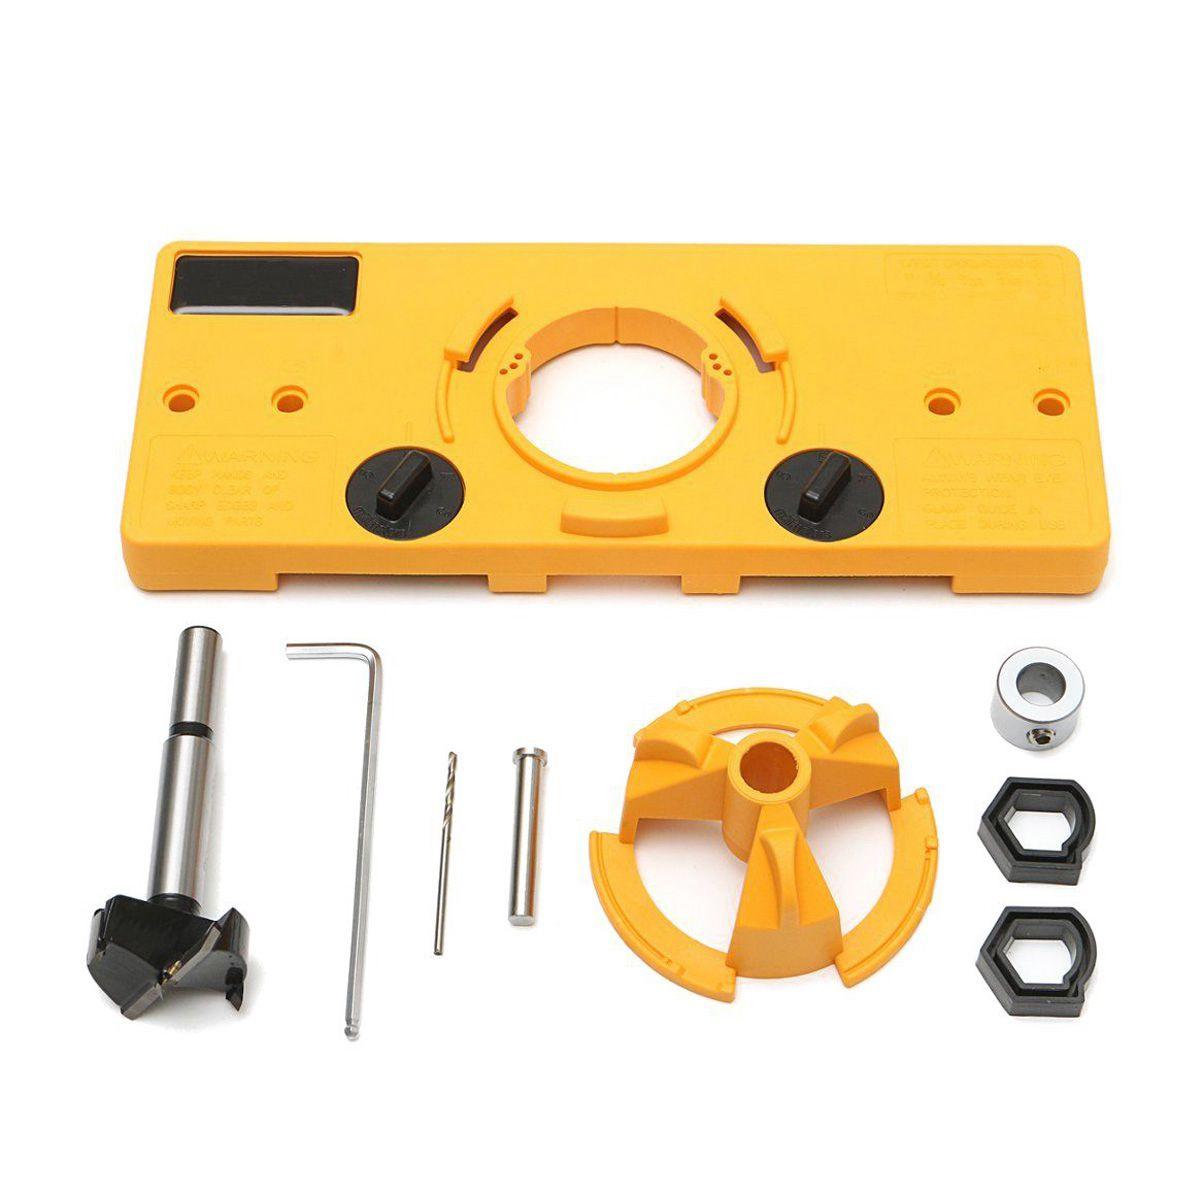 35 MM Tasse Stil Scharnier Boring Jig Drill Guide Set Tür Loch-schablone Für Kreg Werkzeug